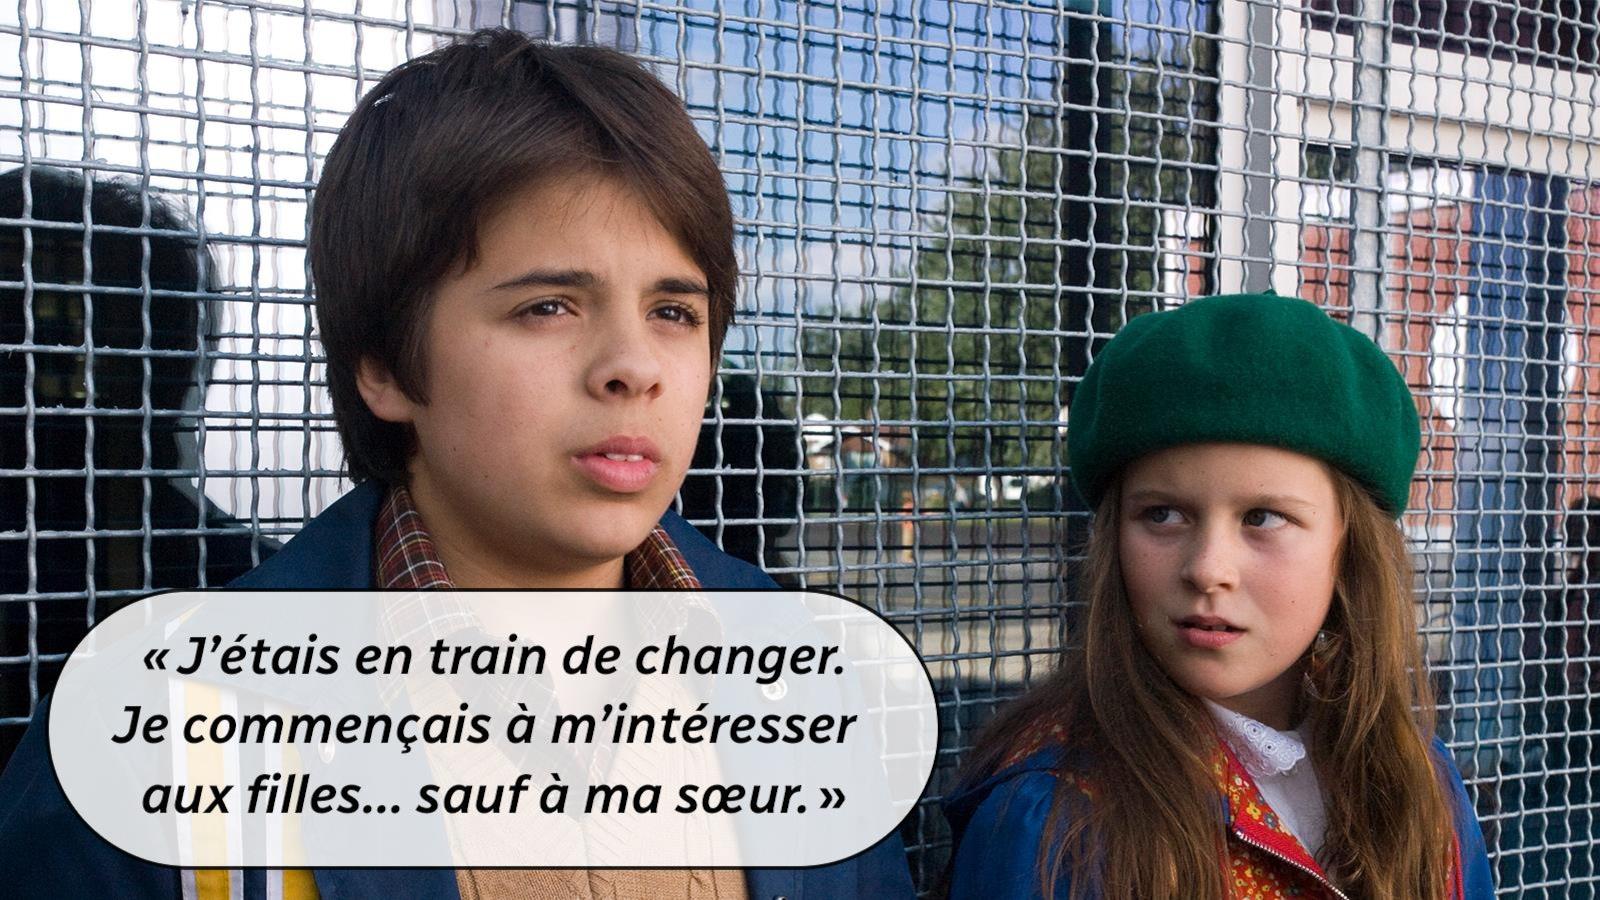 Un garçon, à côté d'une fille devant une grille, avec le dialogue: J'étais en train de changer. Je commençais à m'intéresser aux filles... sauf à ma soeur.